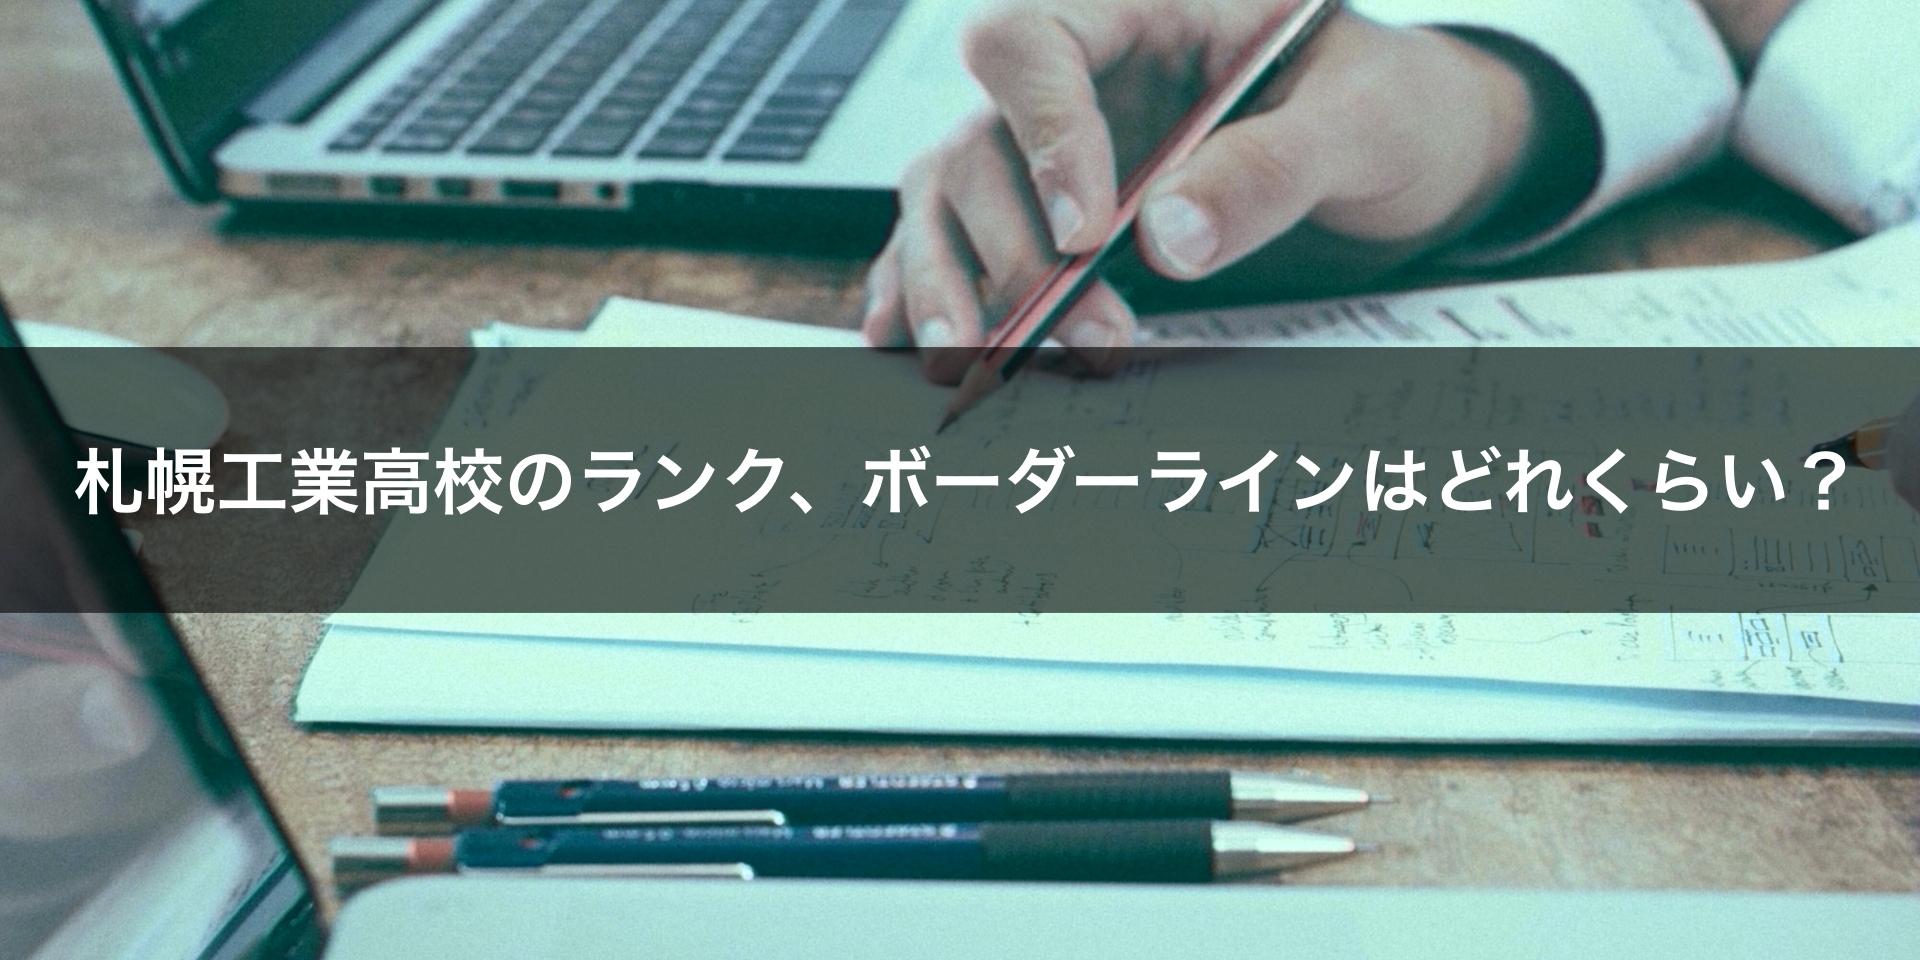 札幌工業高校のランク、ボーダーラインはどれくらい?